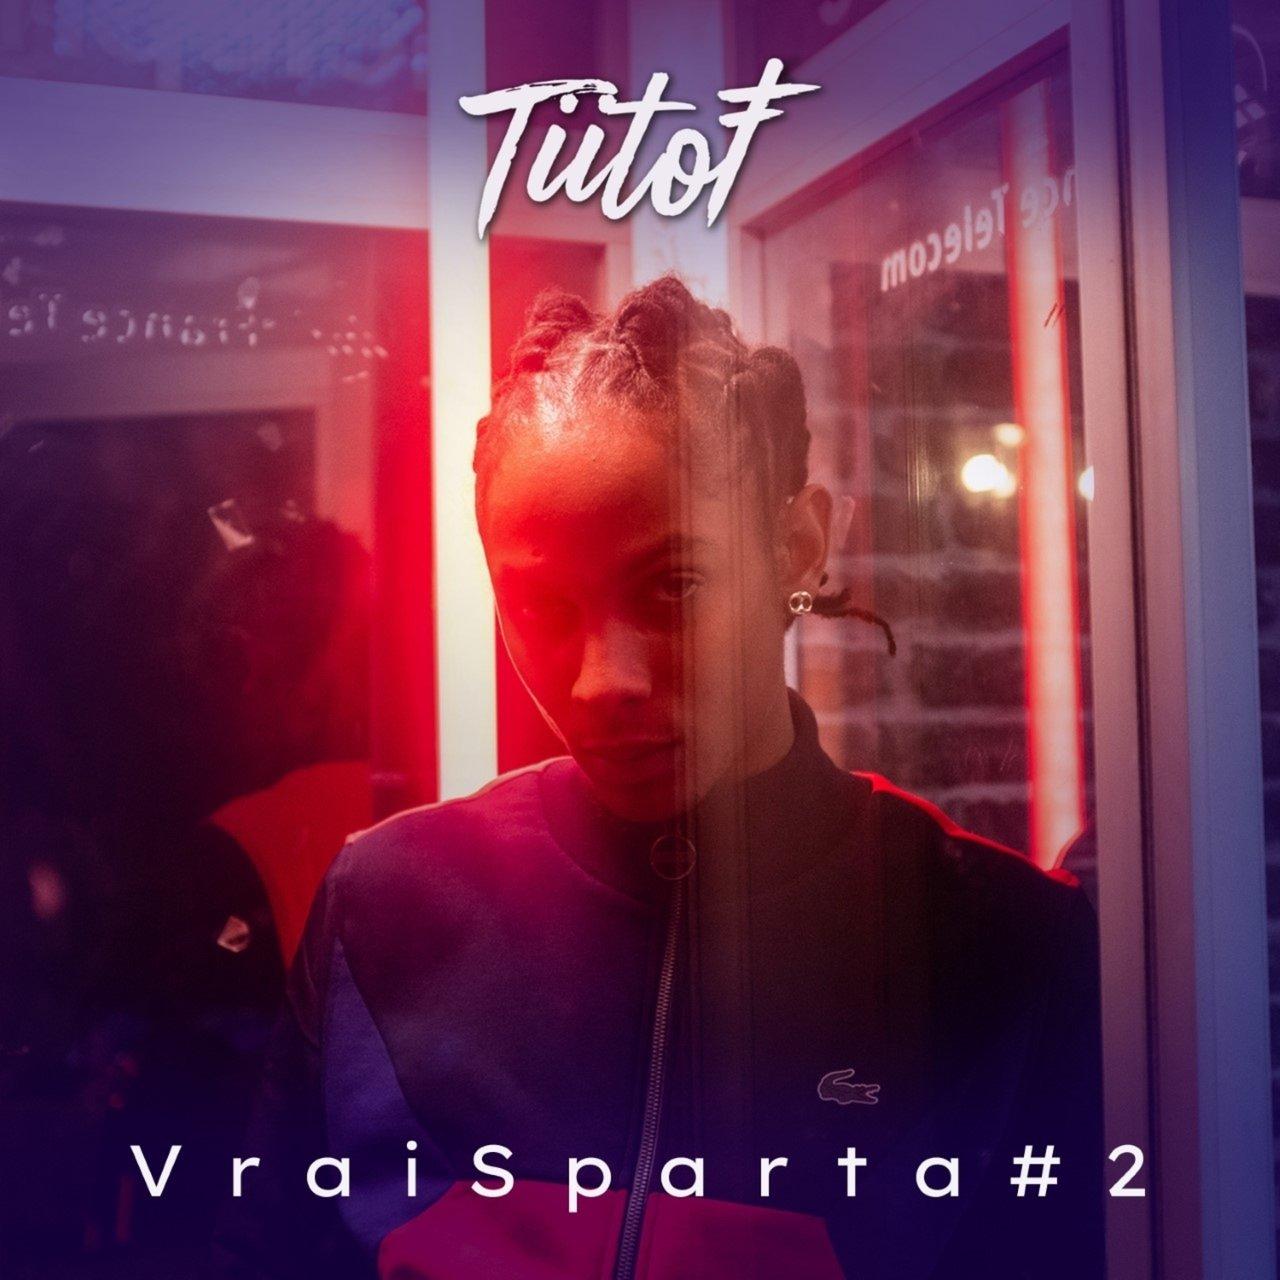 Tiitof - Vrai Sparta #2 (Cover)